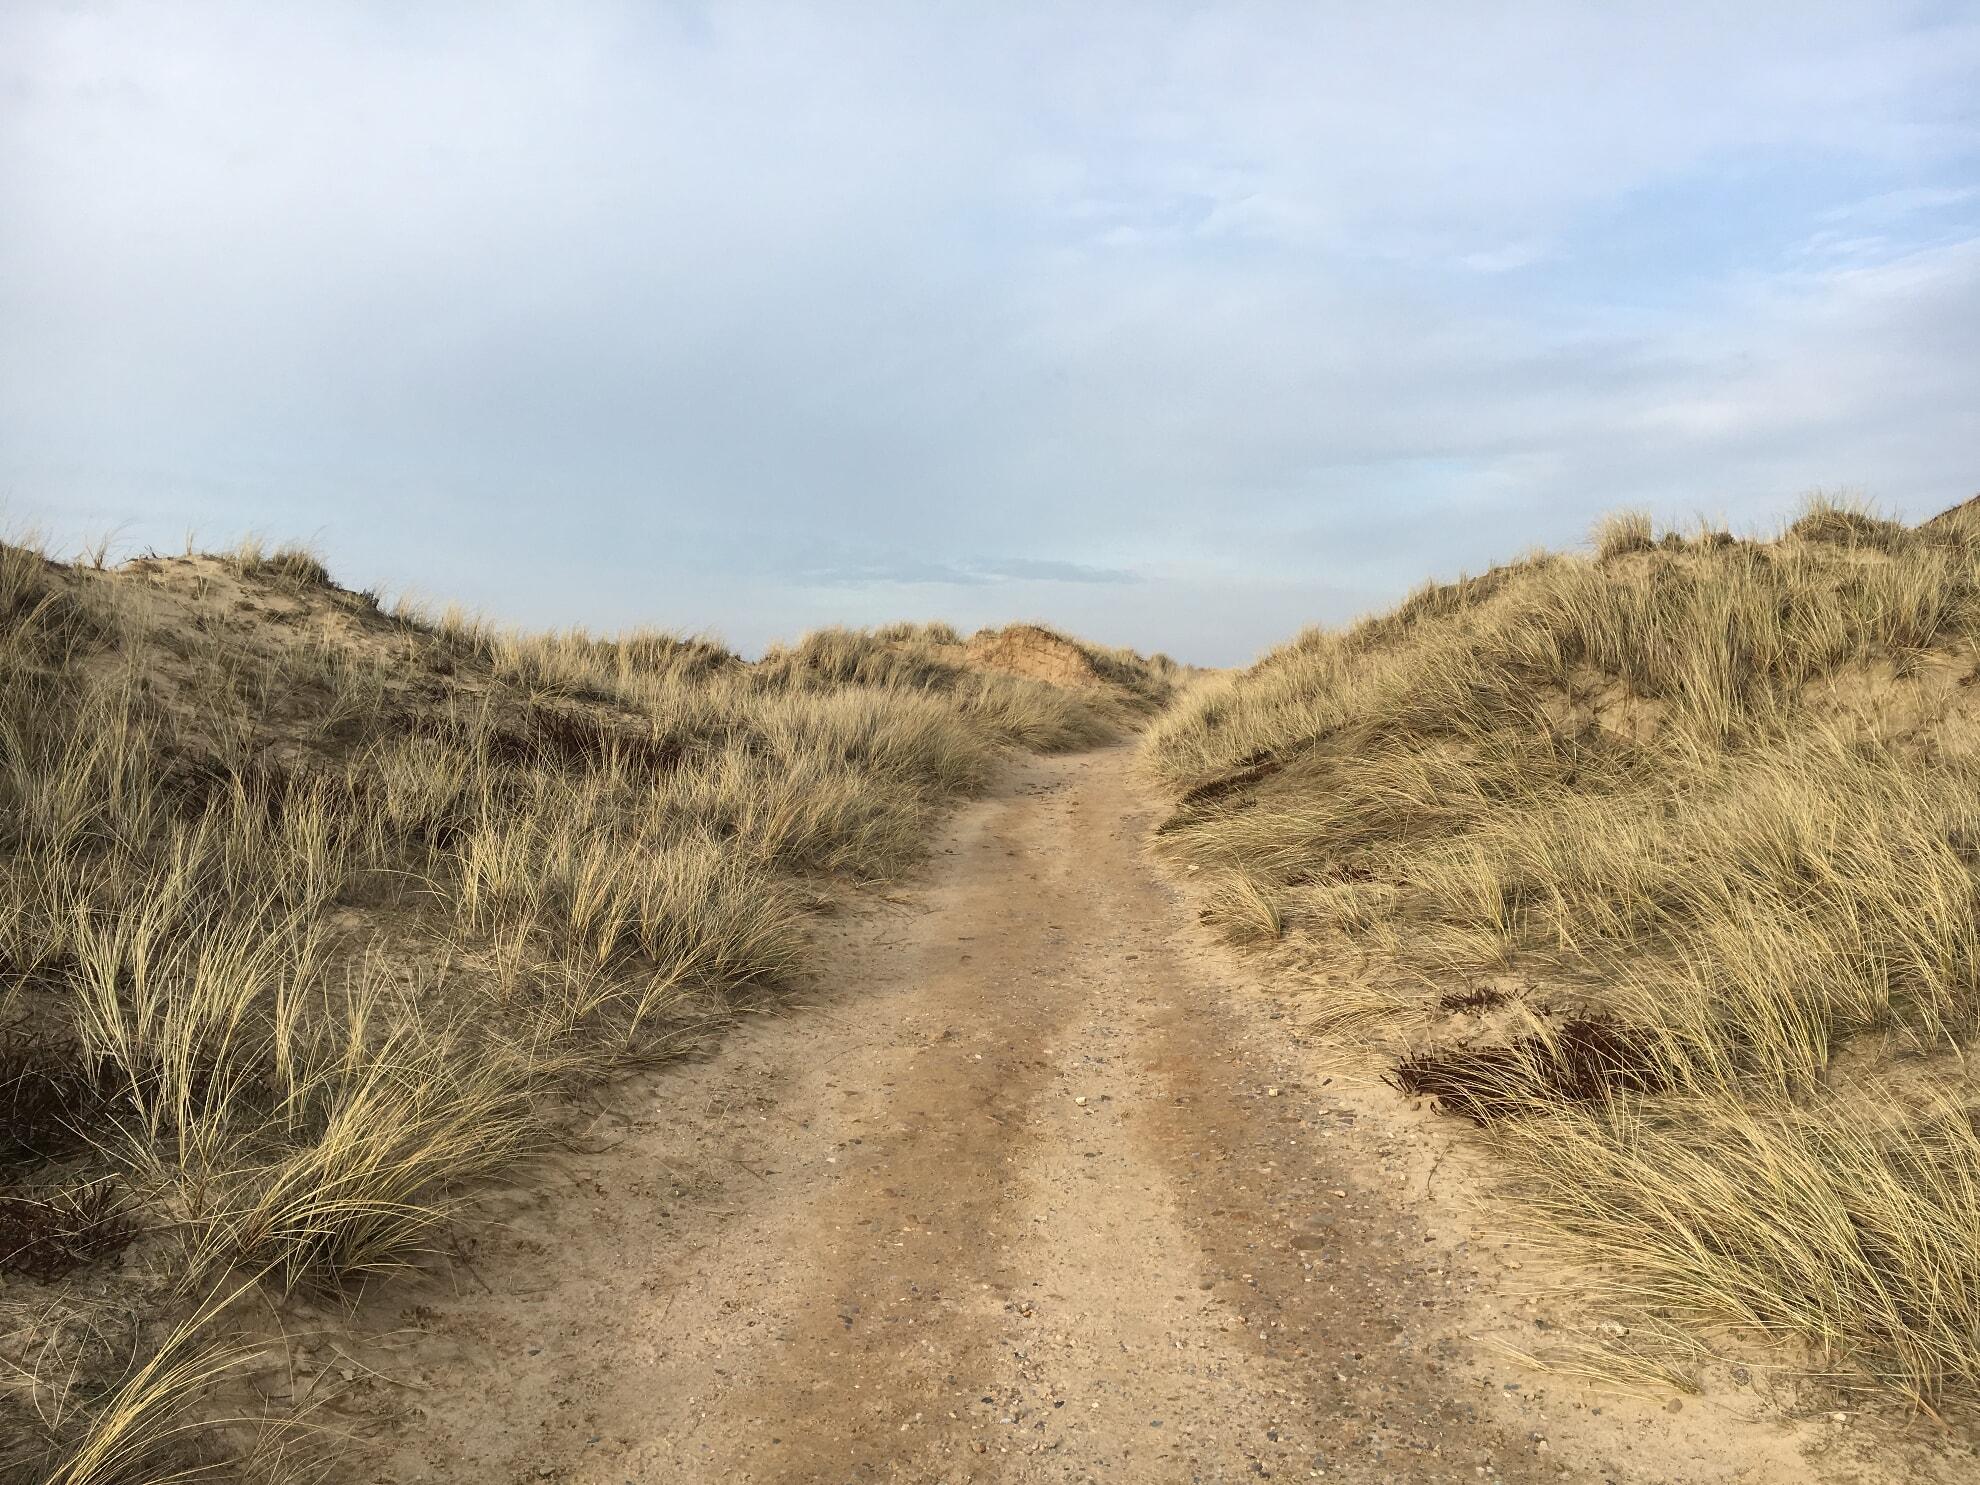 Wanderweg auf dem Roten Kliff